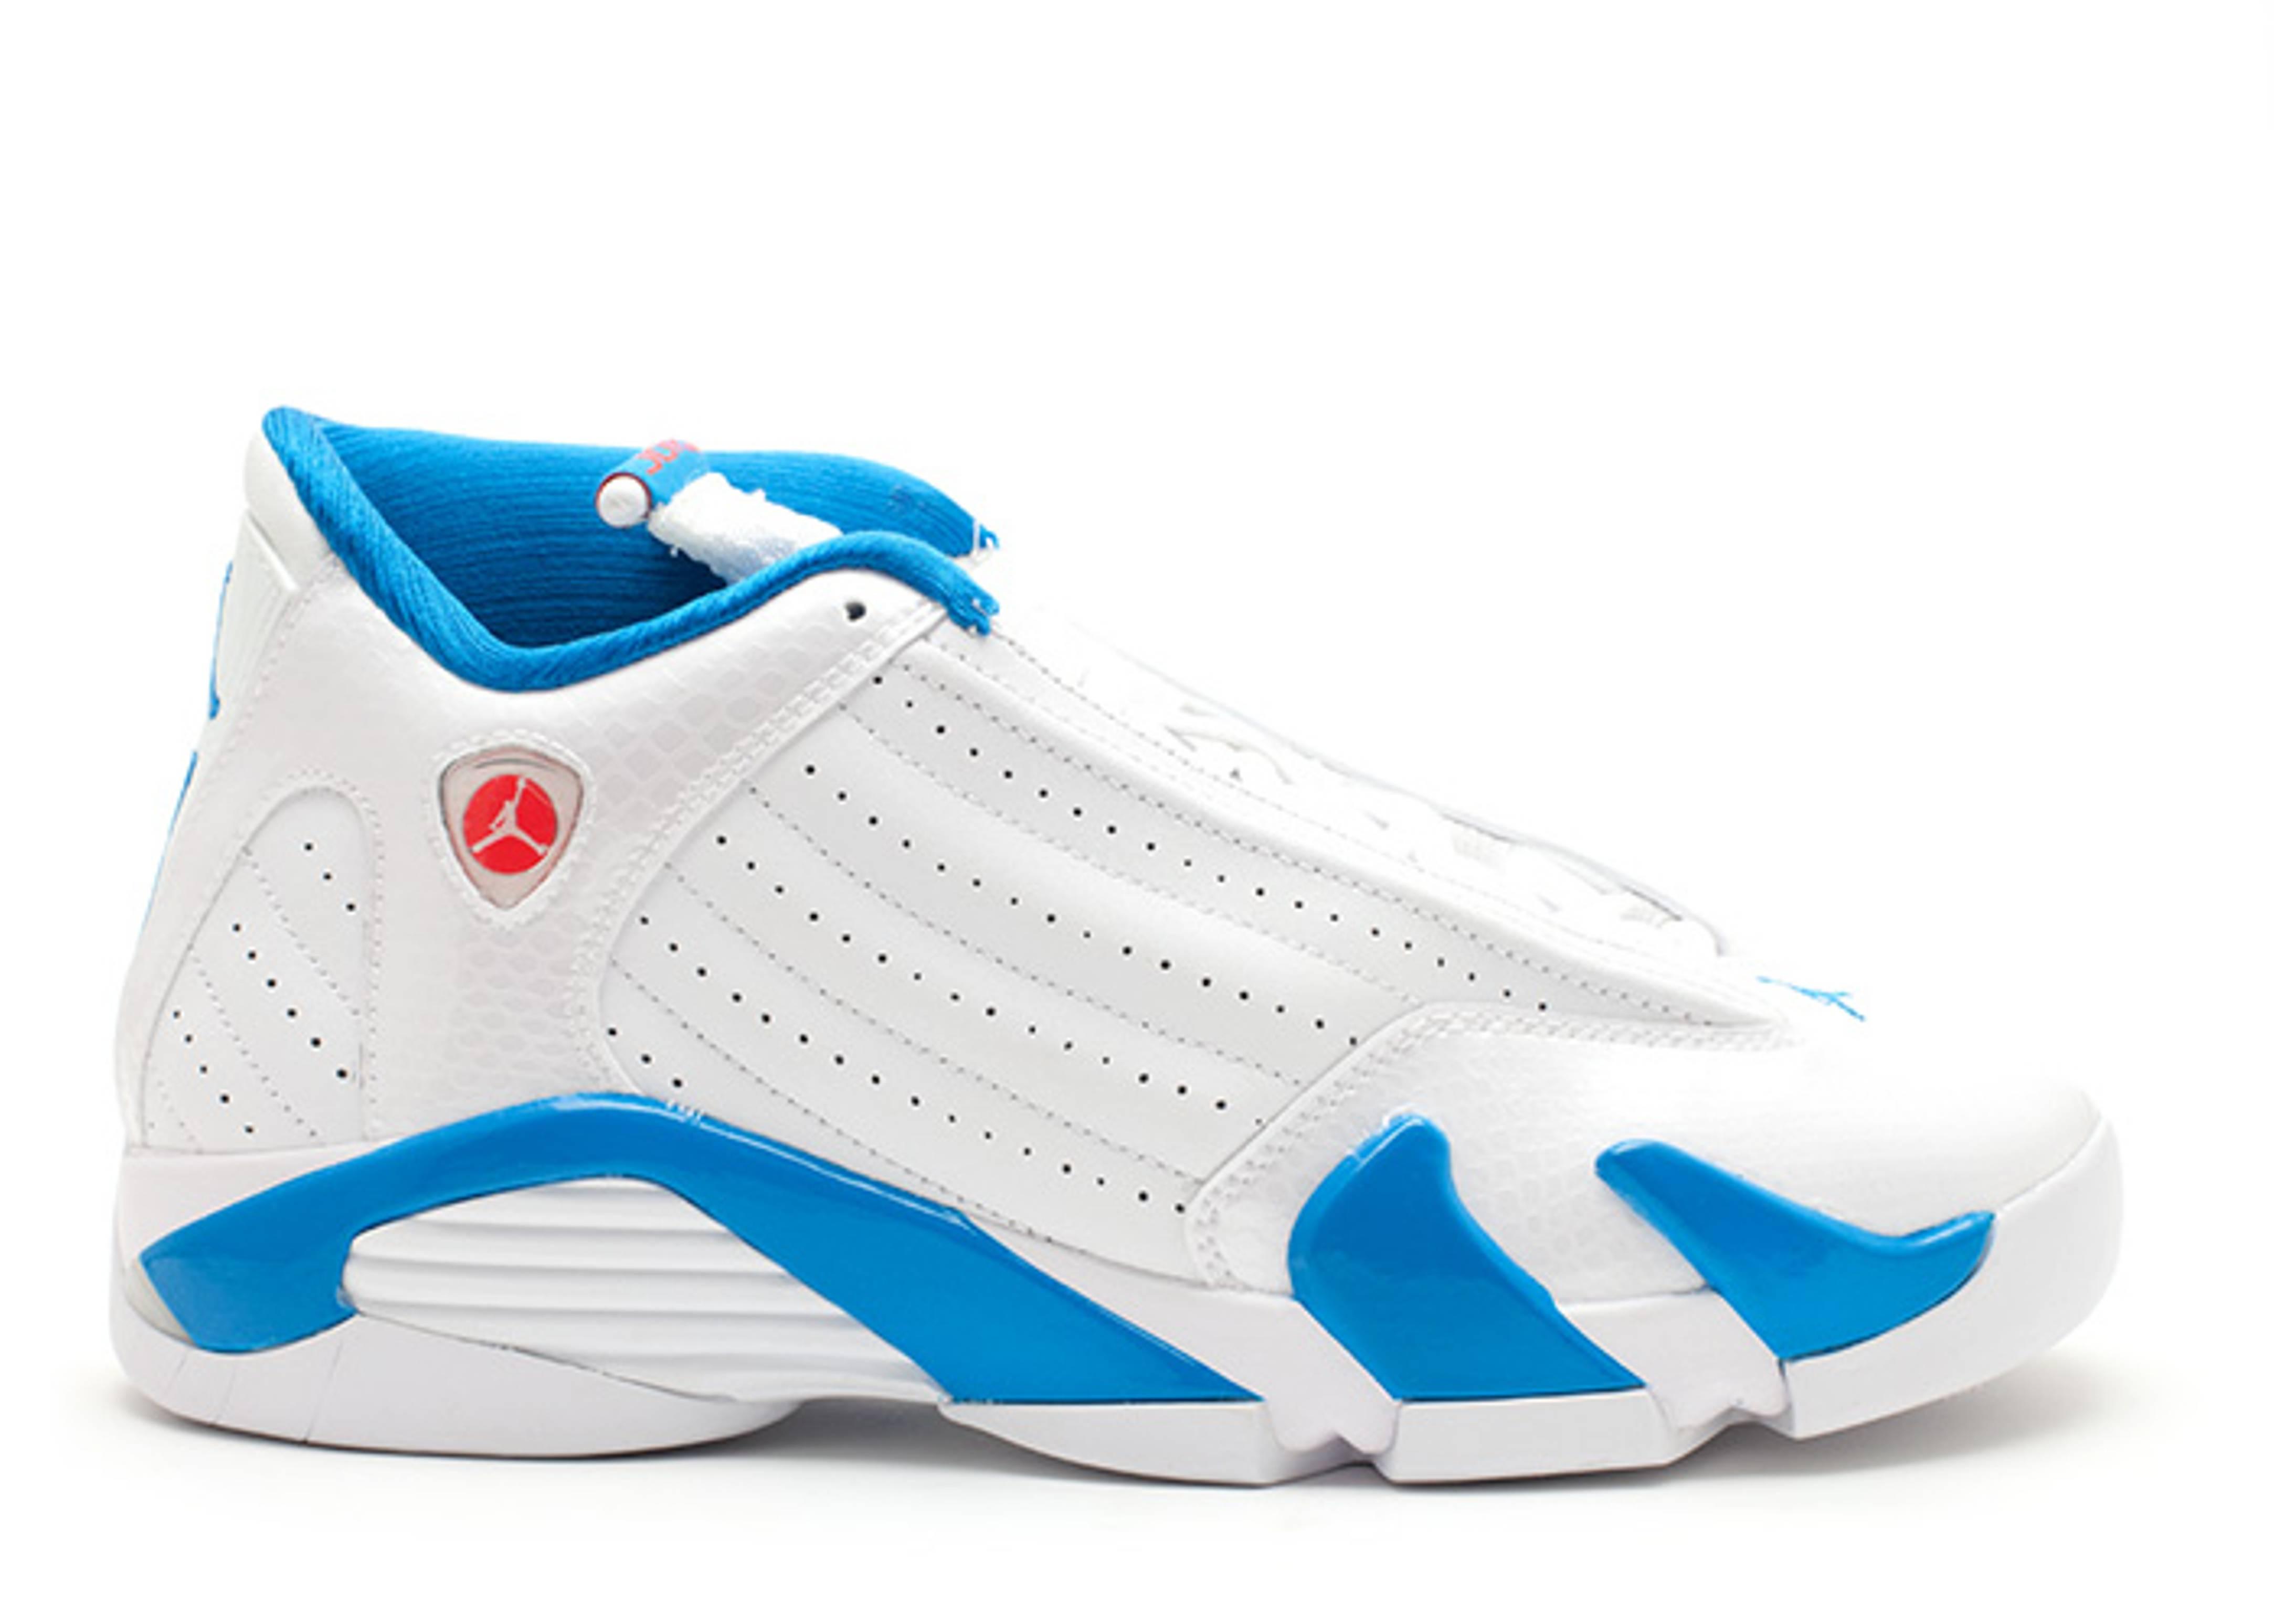 premium selection d3118 29721 Girls Air Jordan 14 Retro (gs) - Air Jordan - 467798 107 ...